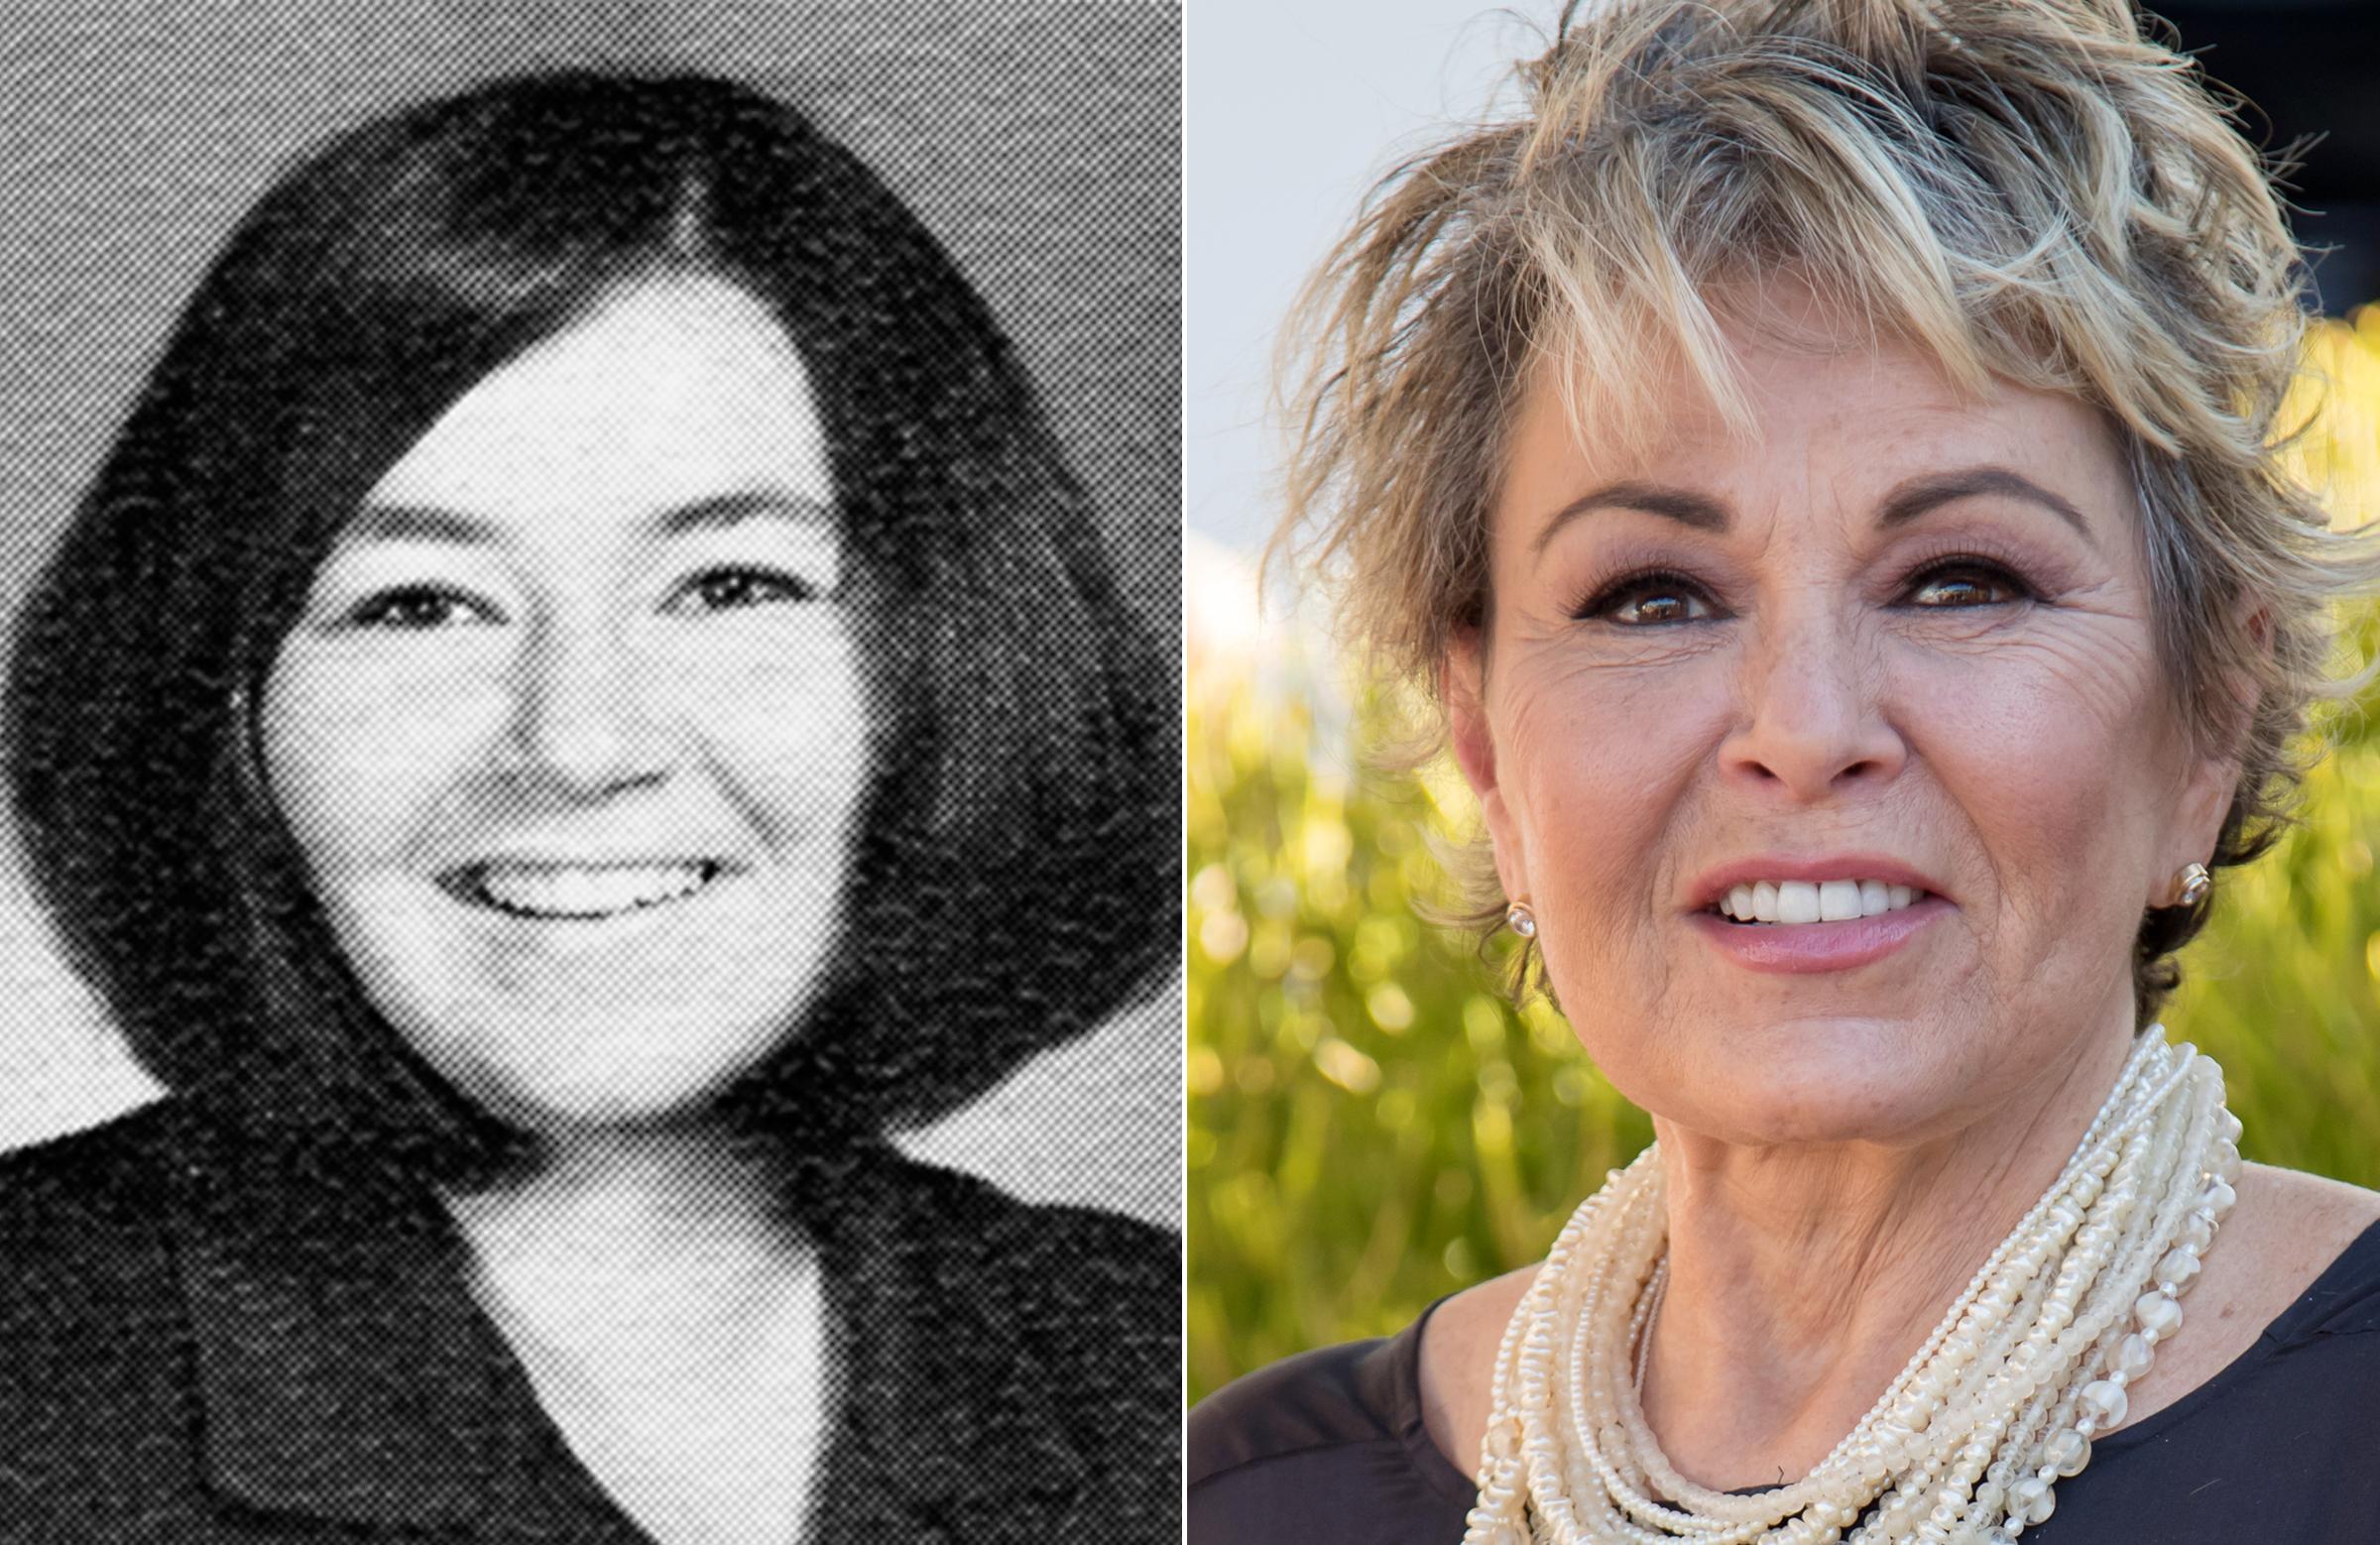 Becky Roseanne Haircut Roseanne Barr H...